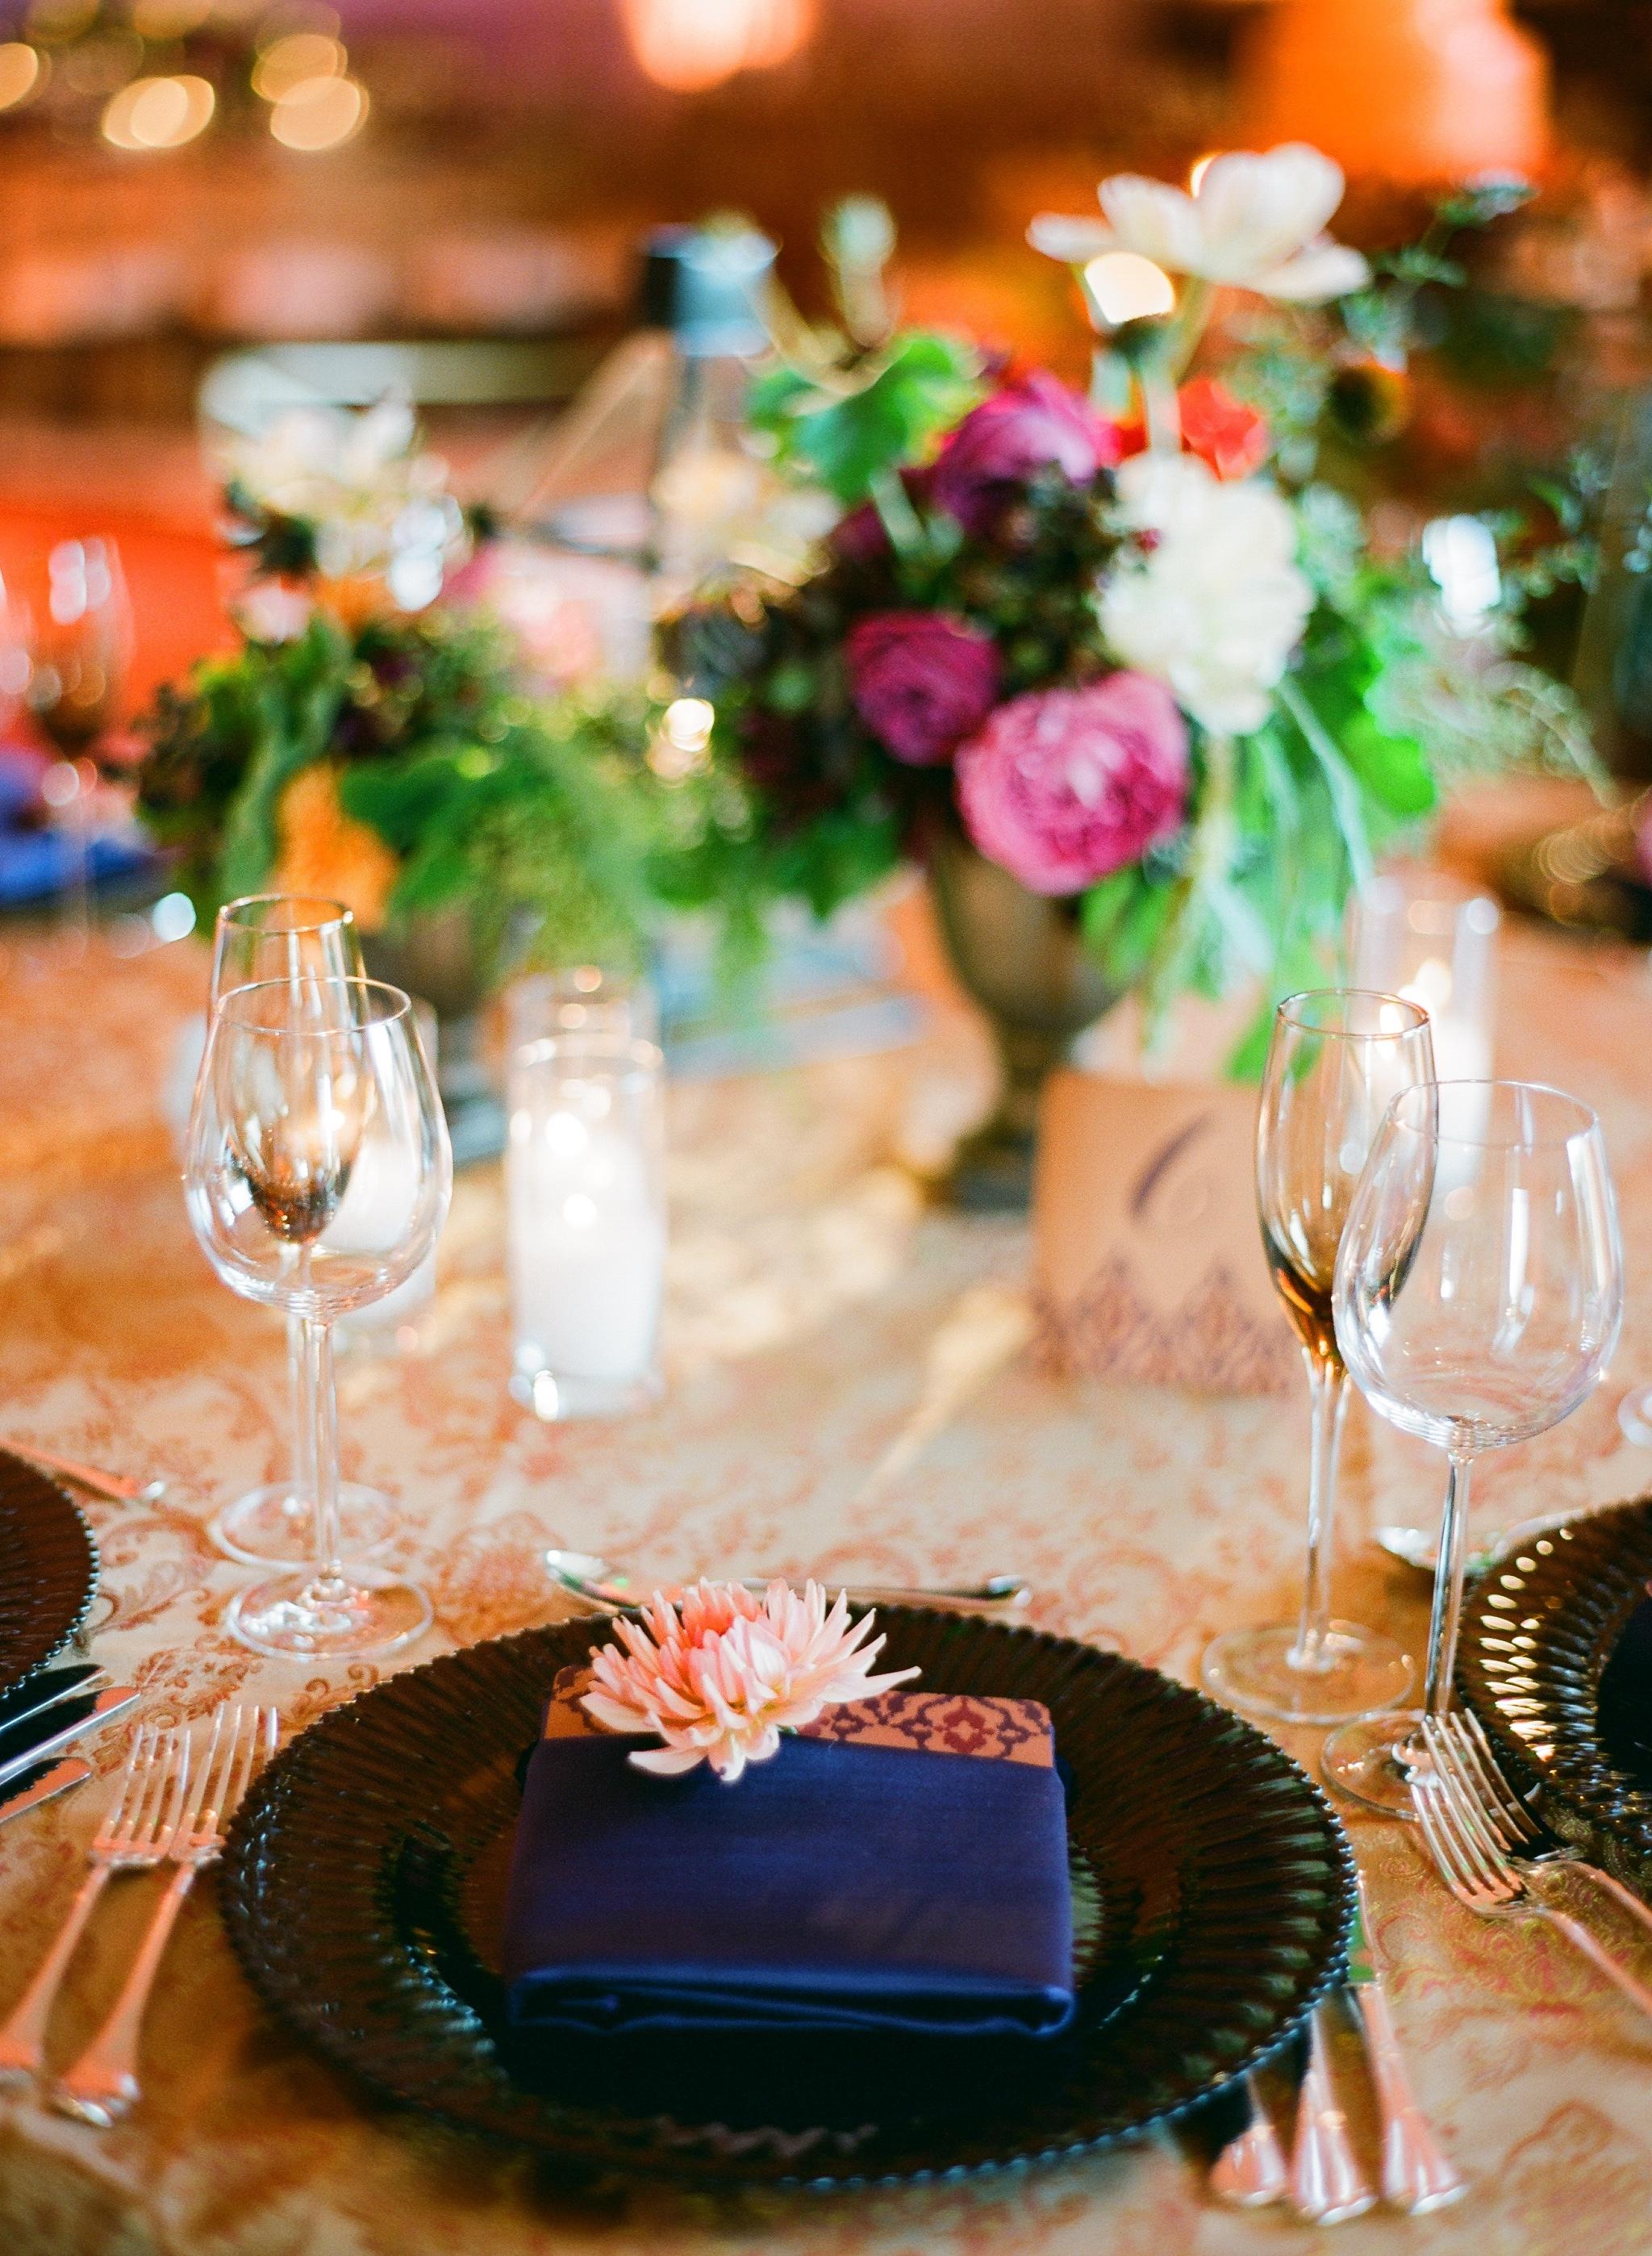 santabarbarawedding.com | Belmond El Encanto | Magnolia Event Design | Jose Villa | Reception Table